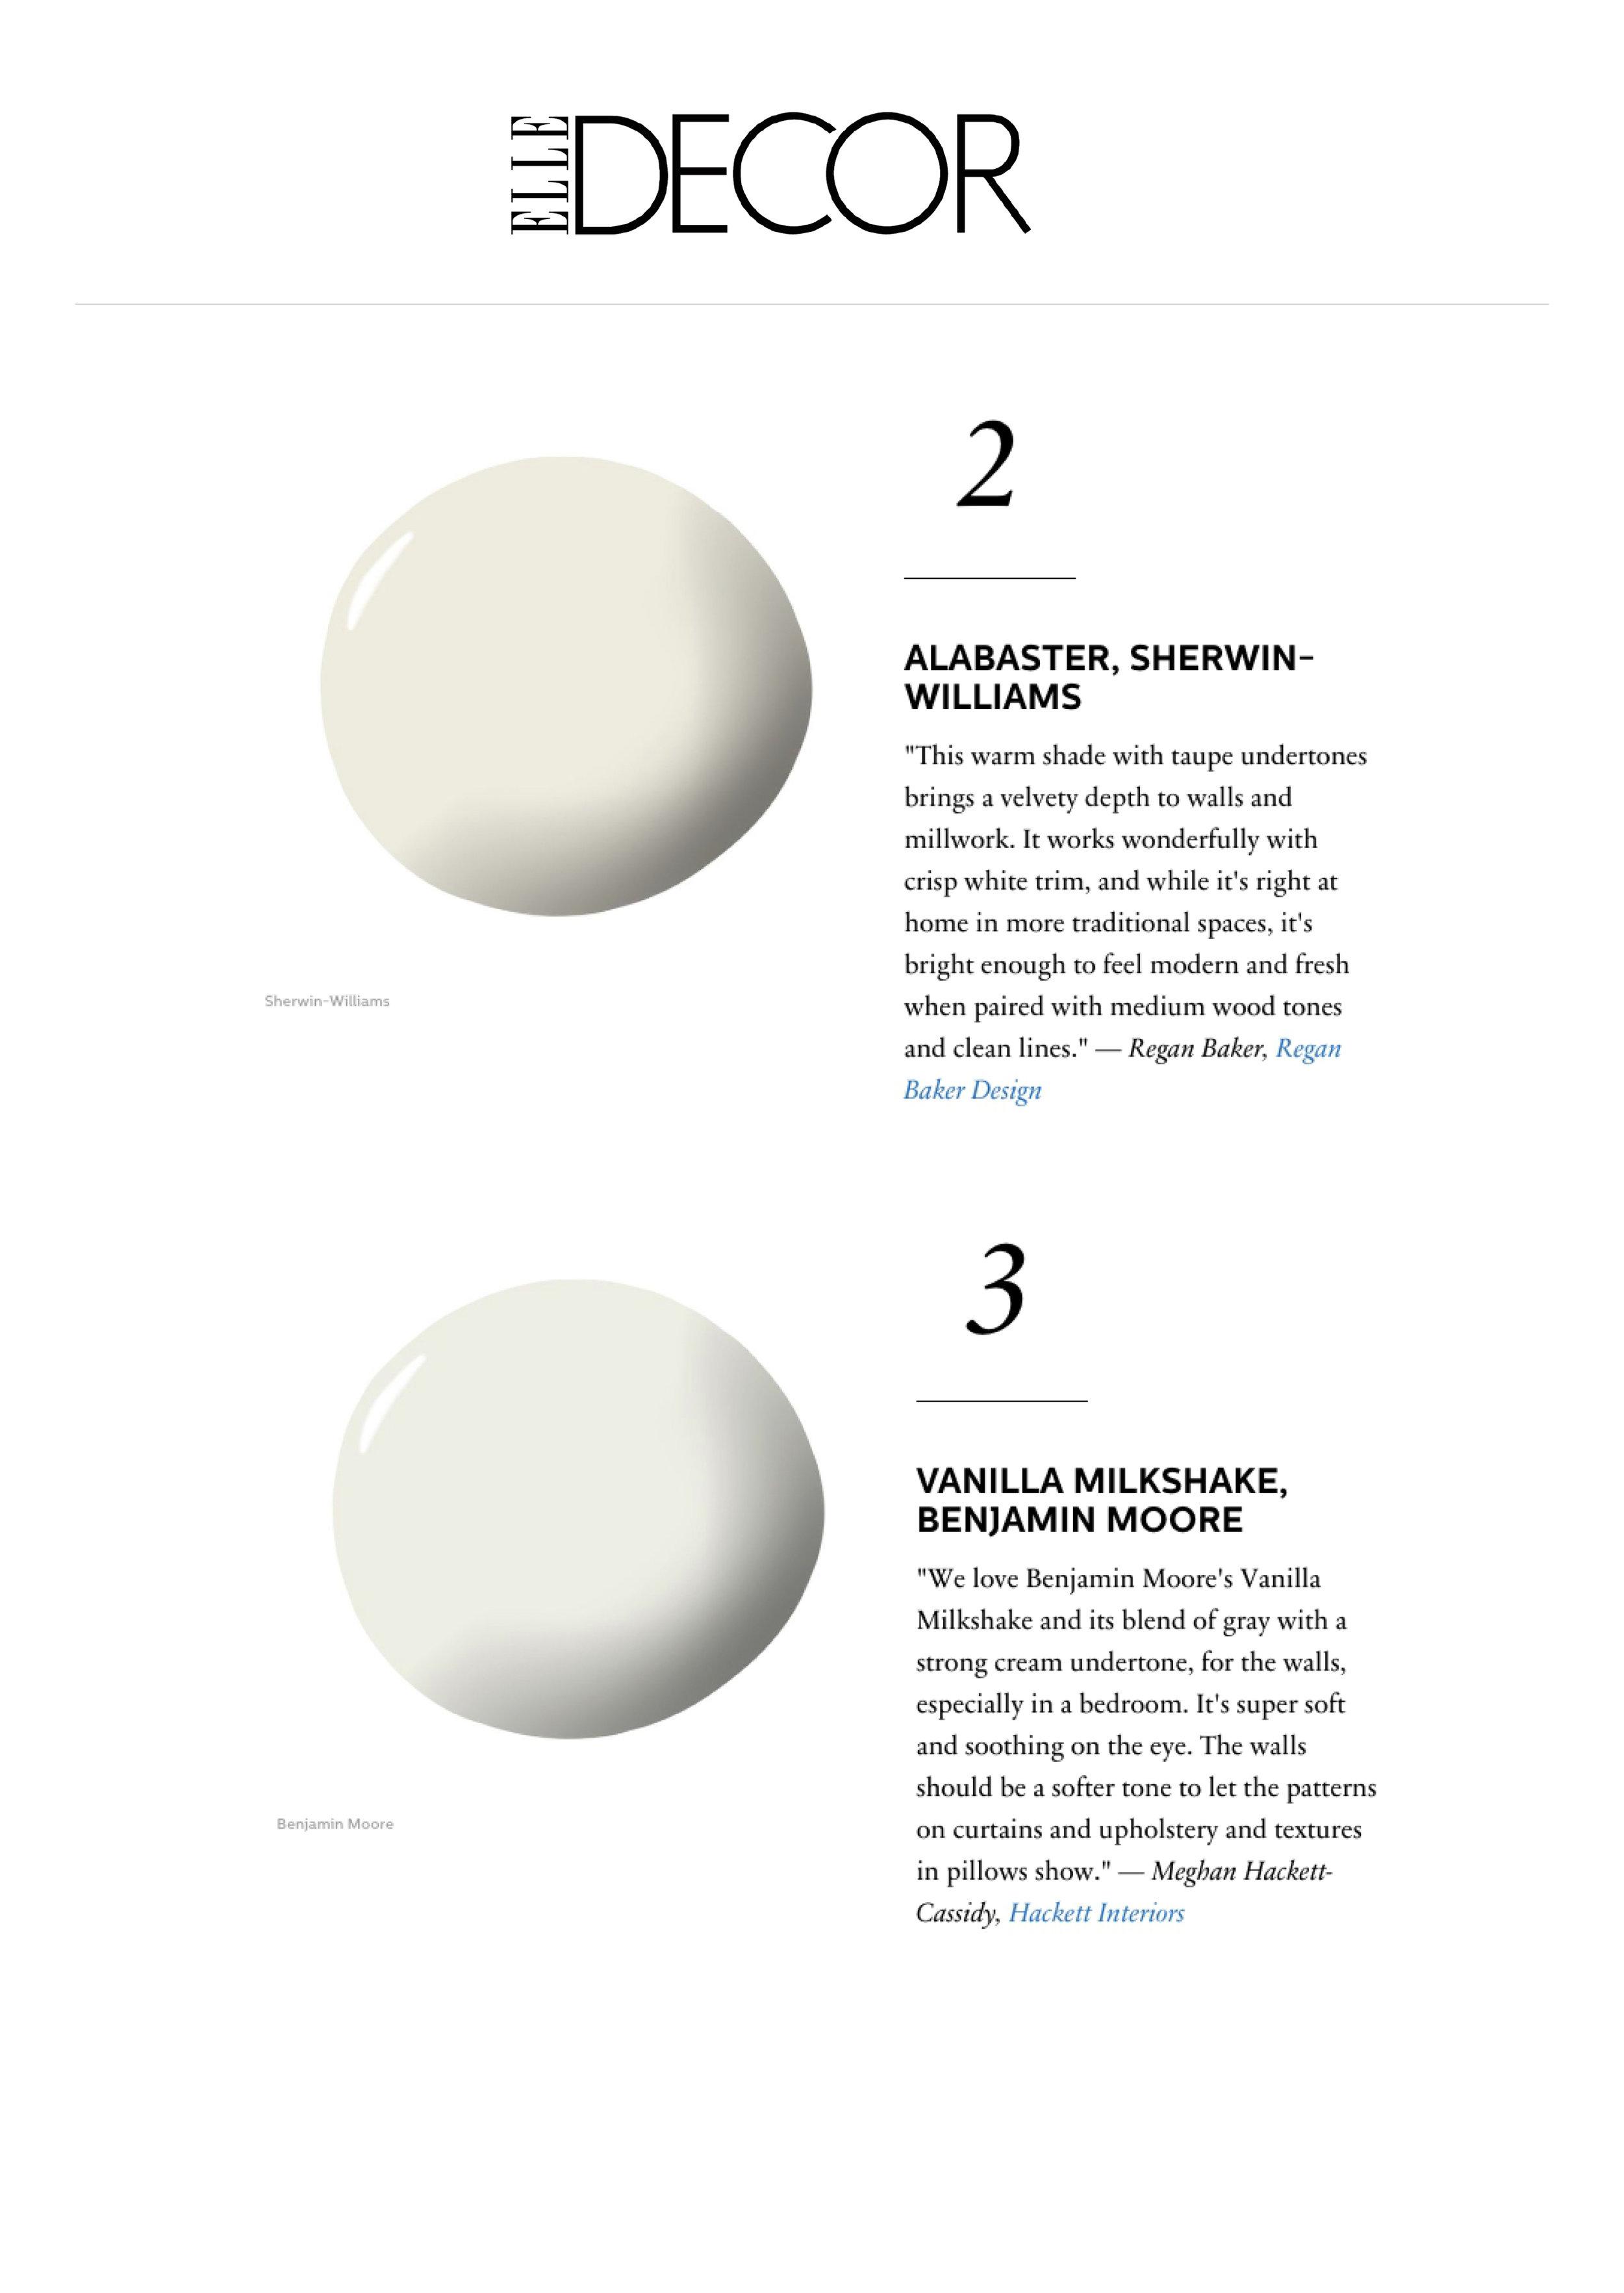 Elle Decor Online - 3.26.19 (1)-2.jpg